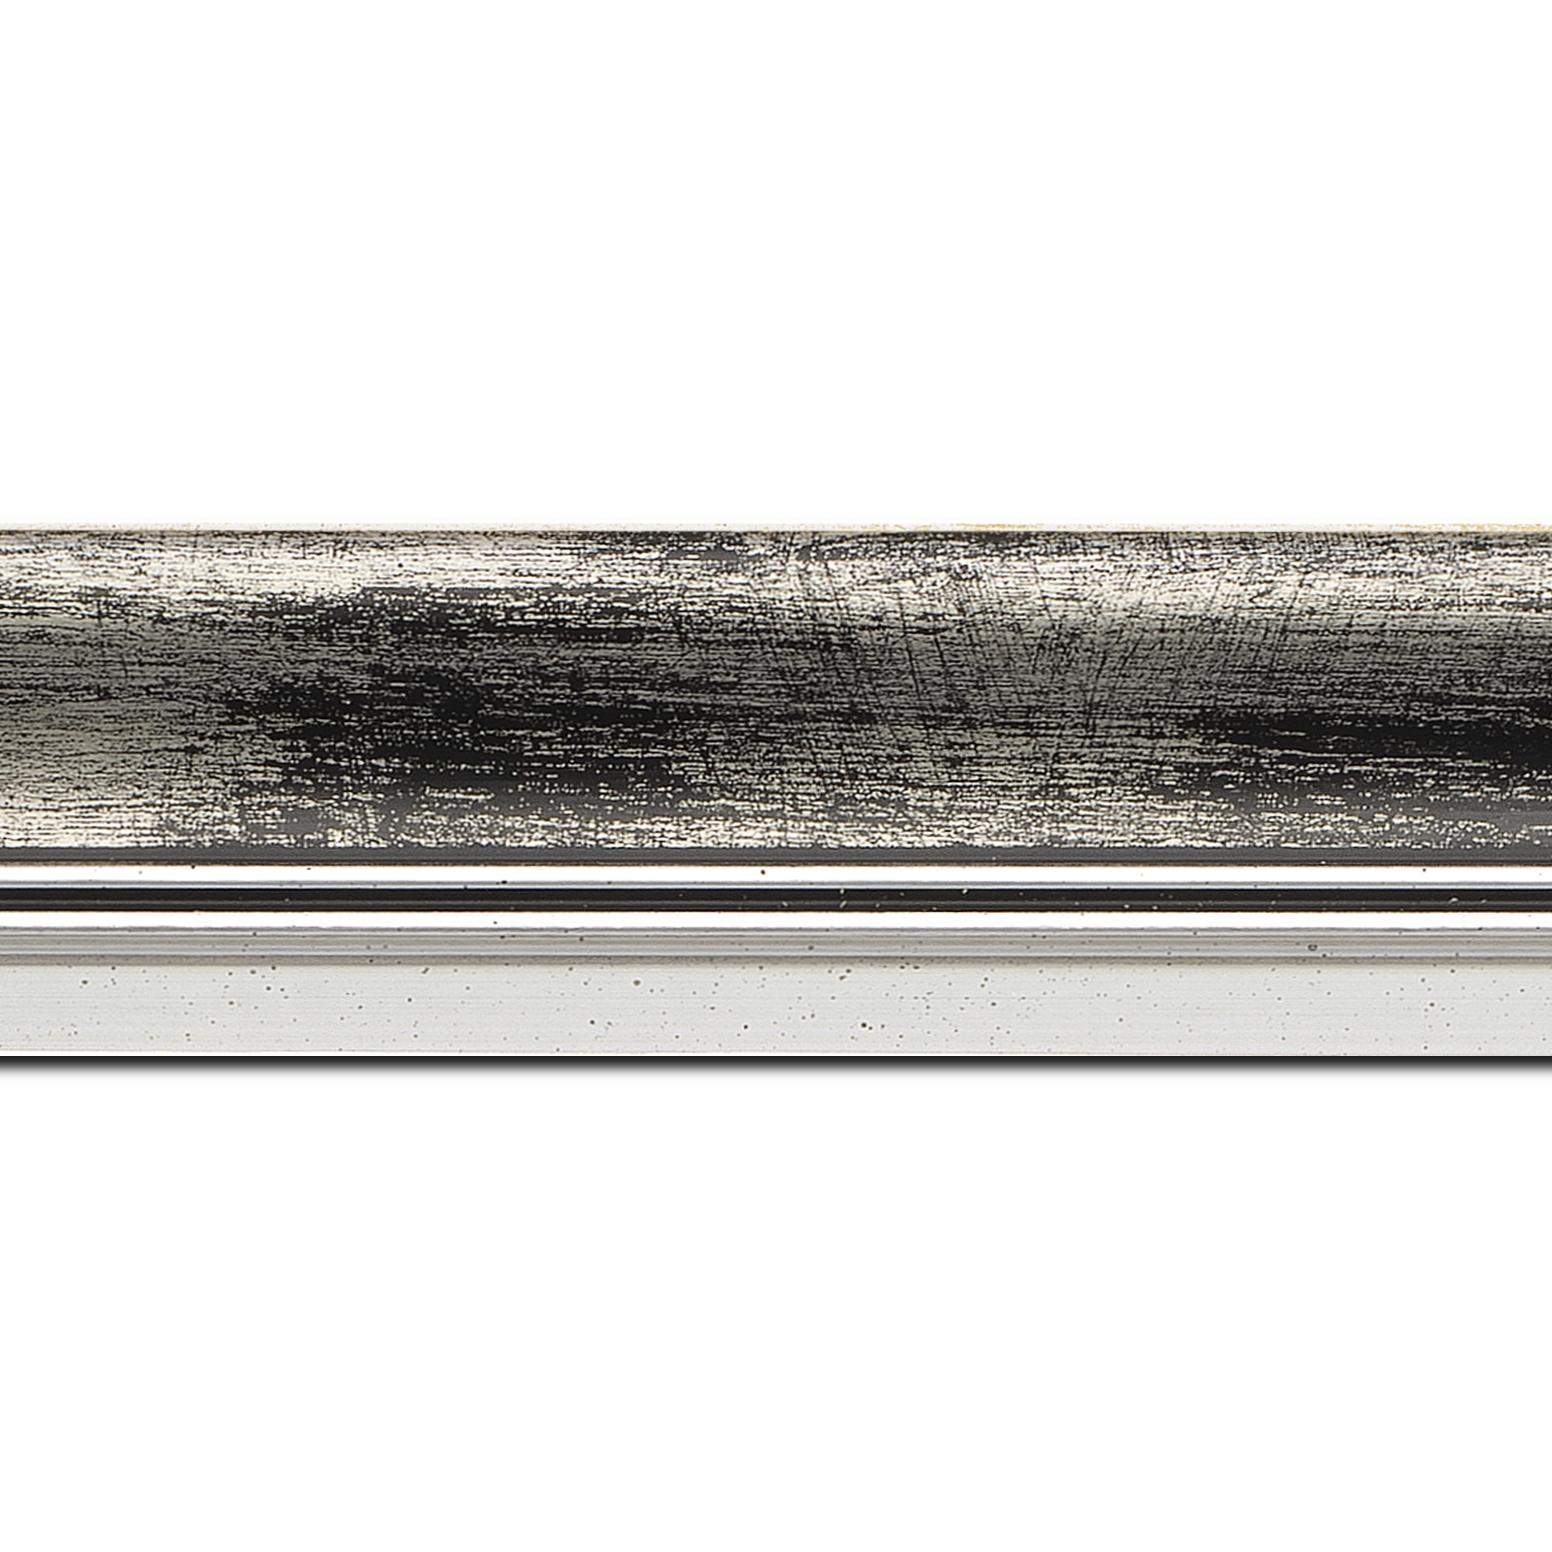 Baguette longueur 1.40m bois profil incurvé largeur 5.7cm de couleur noir fond argent marie louise blanche mouchetée filet argent intégré